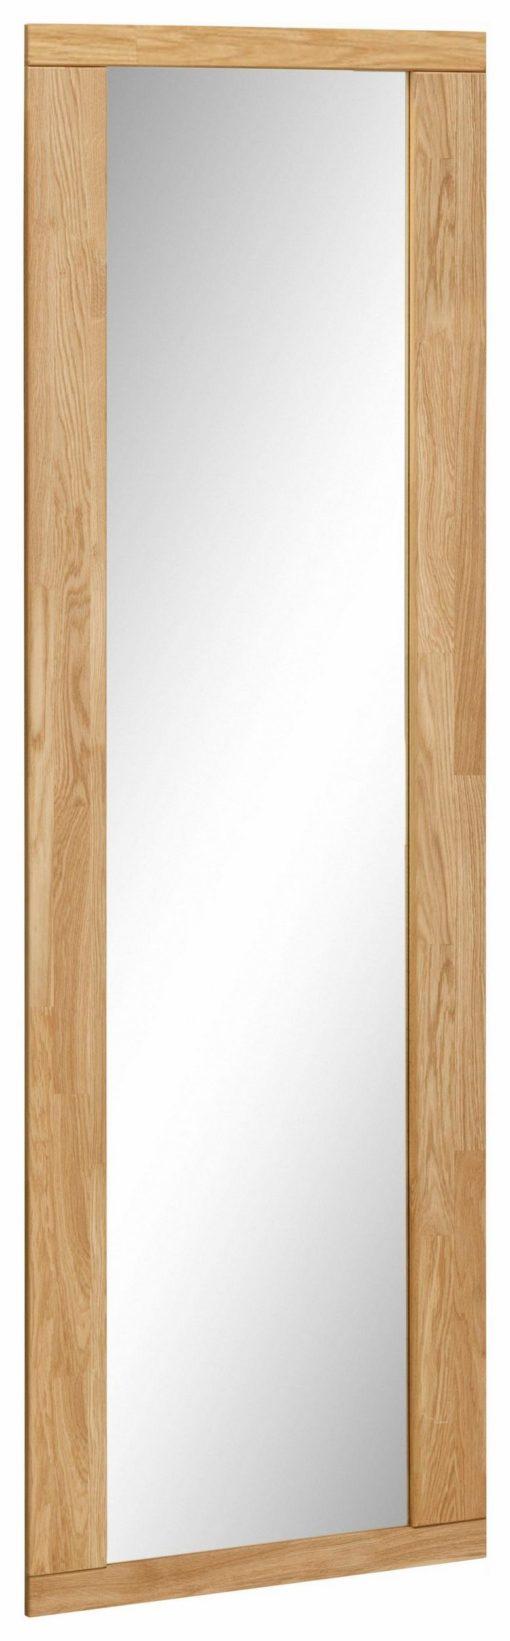 Duże lustro w klasycznym stylu